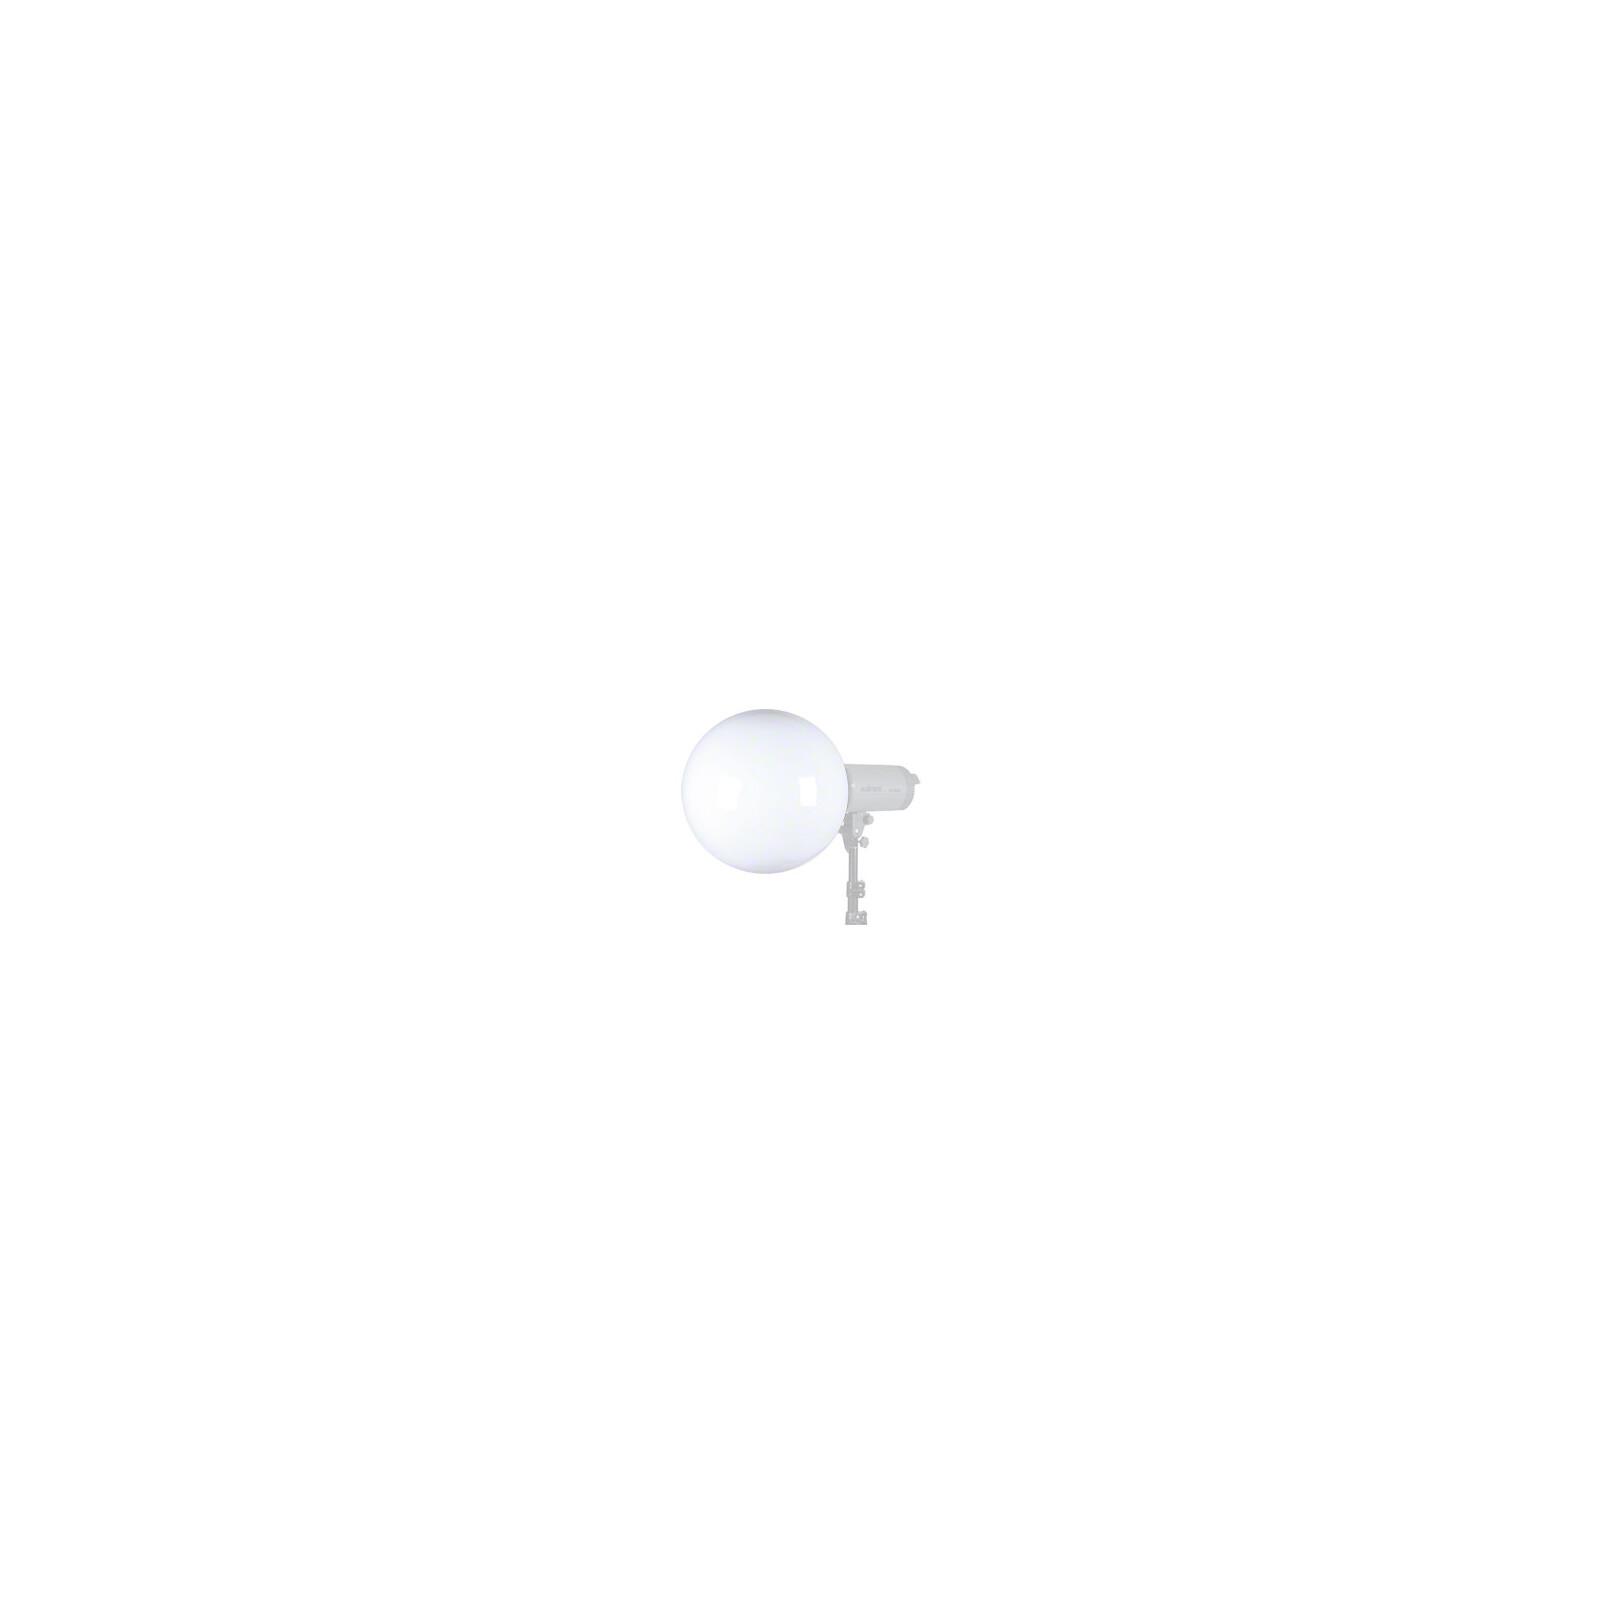 walimex Universal Diffusorkugel, 30cm Elinchrom